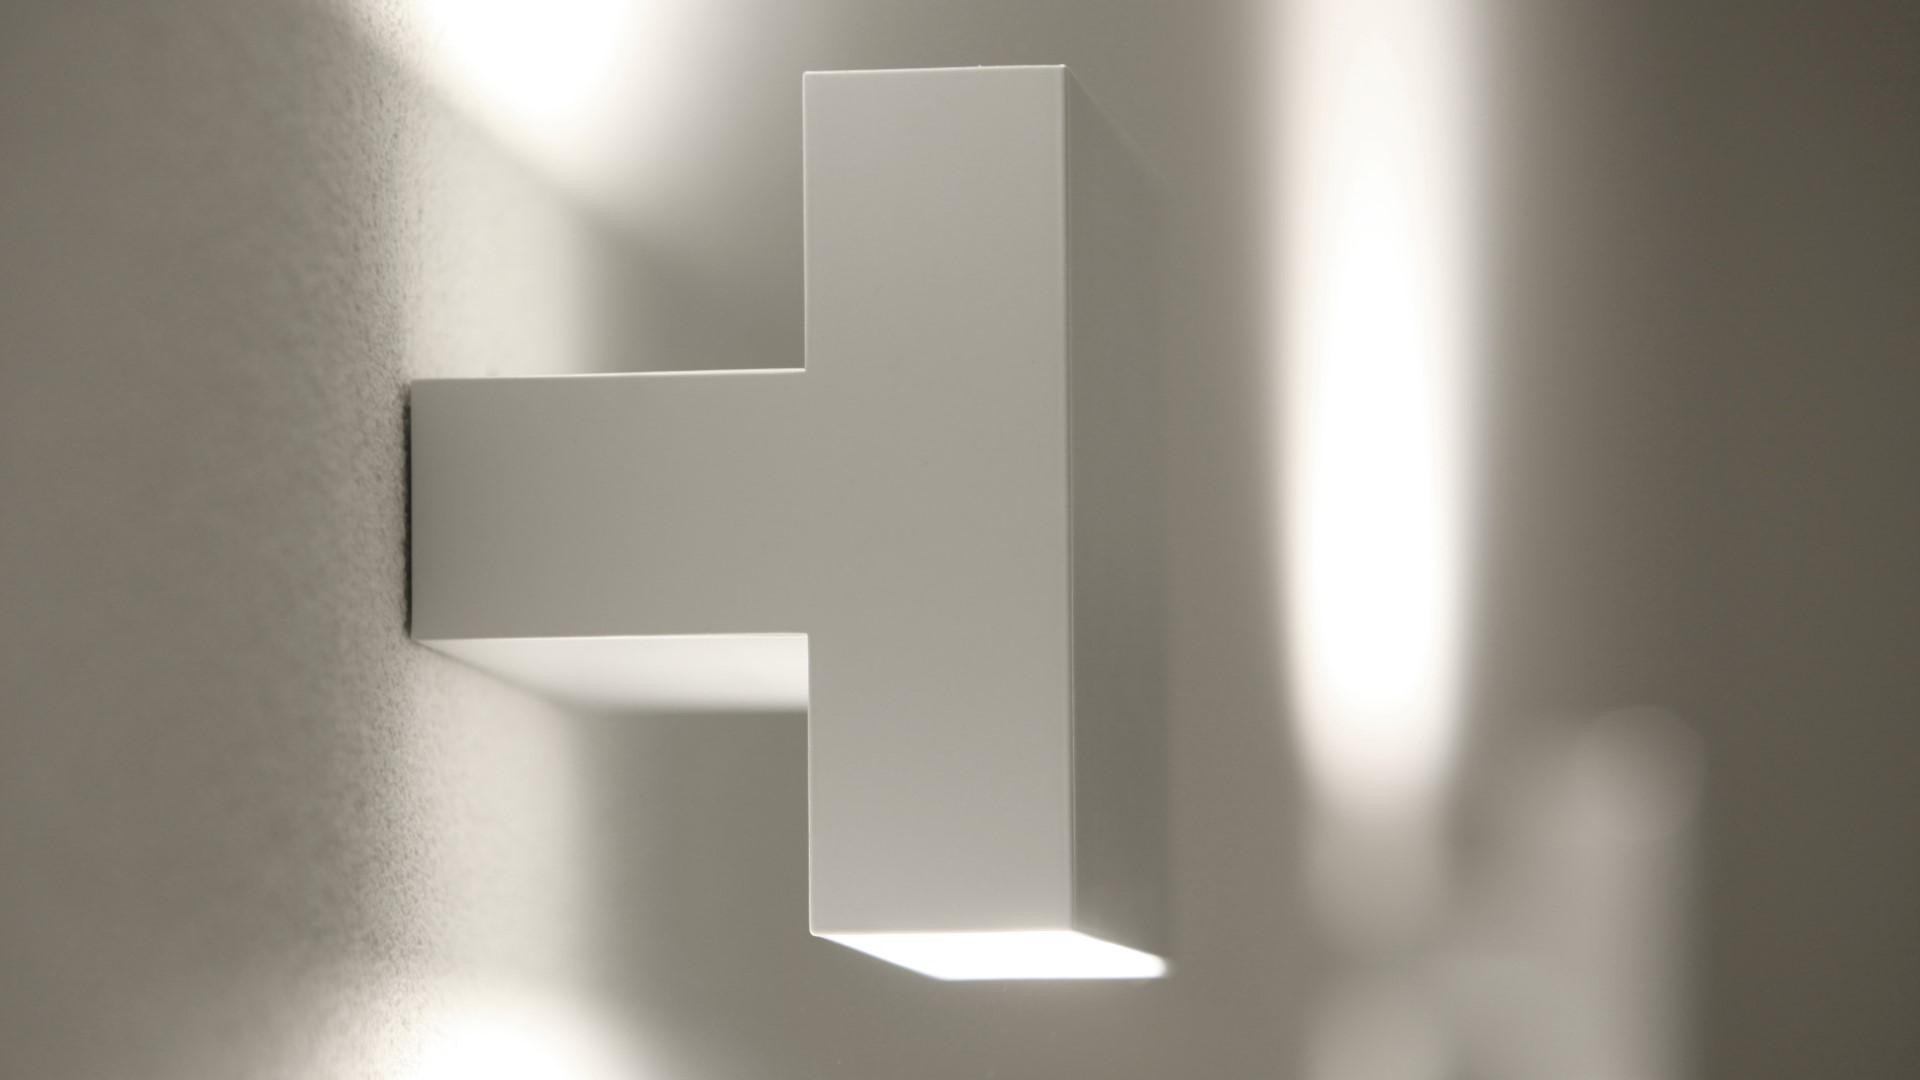 Abitazione 4 vano scale luce e design for Abitazione design